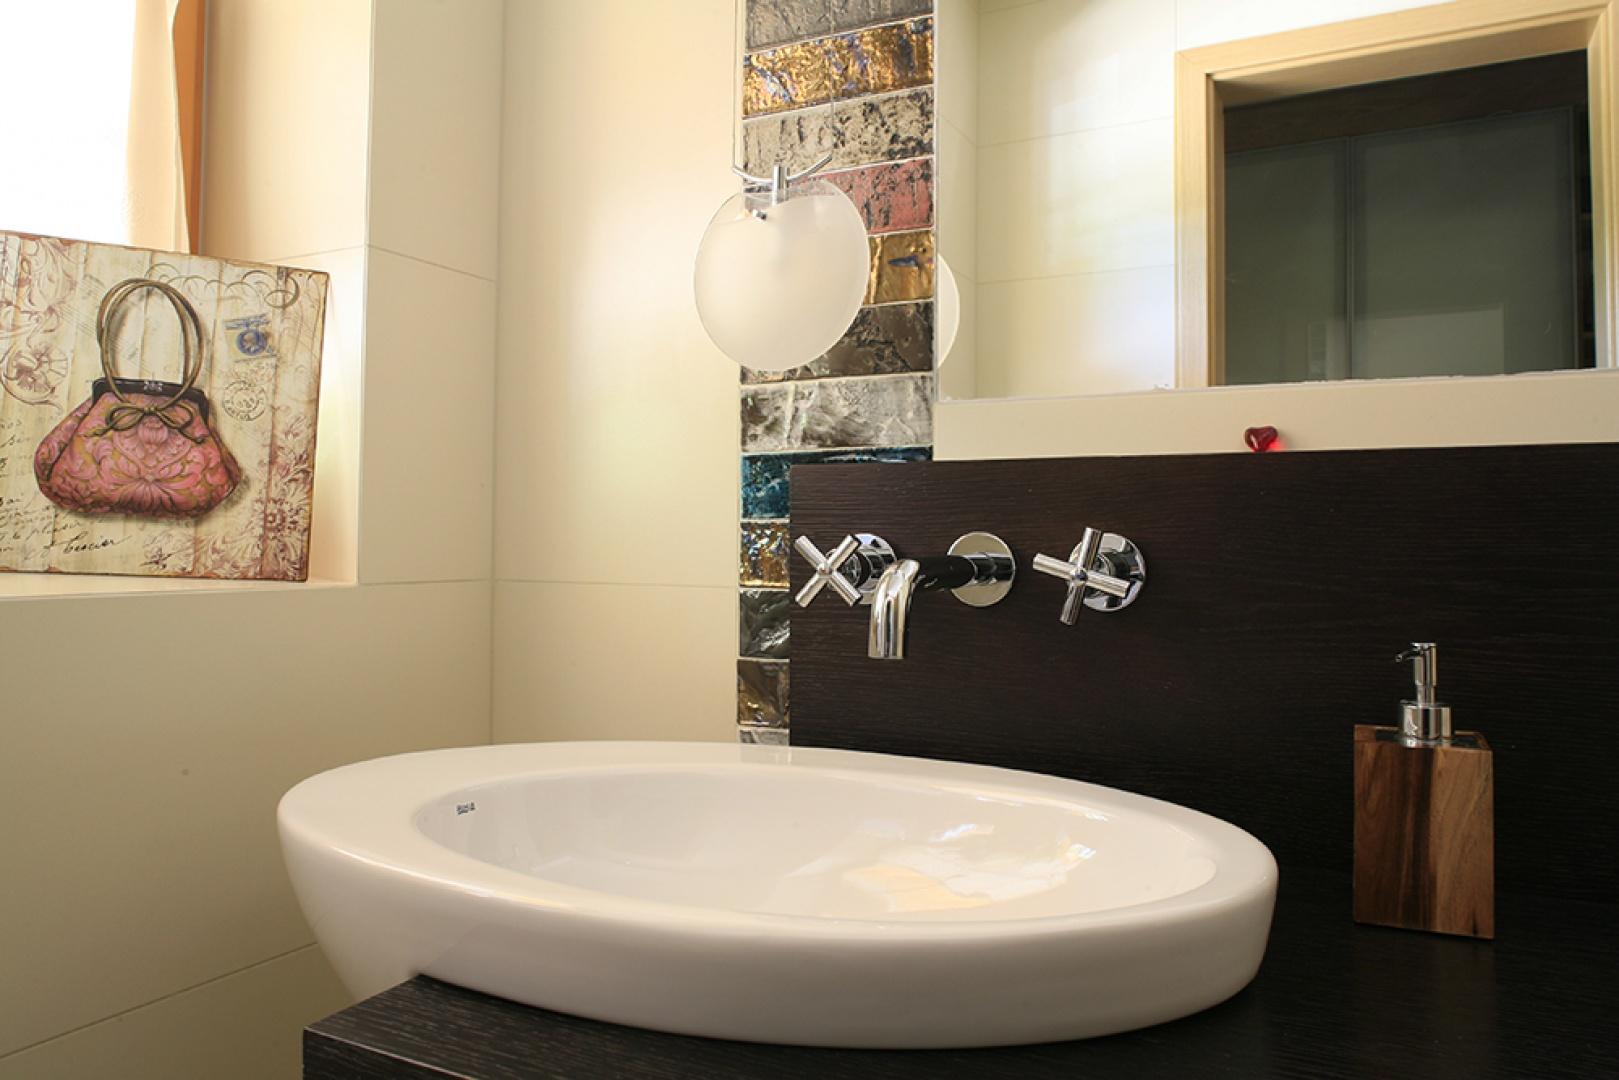 """Umywalka wraz ze ścianką w kolorze wenge pochodzą z kolekcji """"Eliptic"""" marki Roca. Nowoczesny design i ciepłe drewno – to klucz do wystroju tej toalety. Fot. Bartosz Jarosz."""